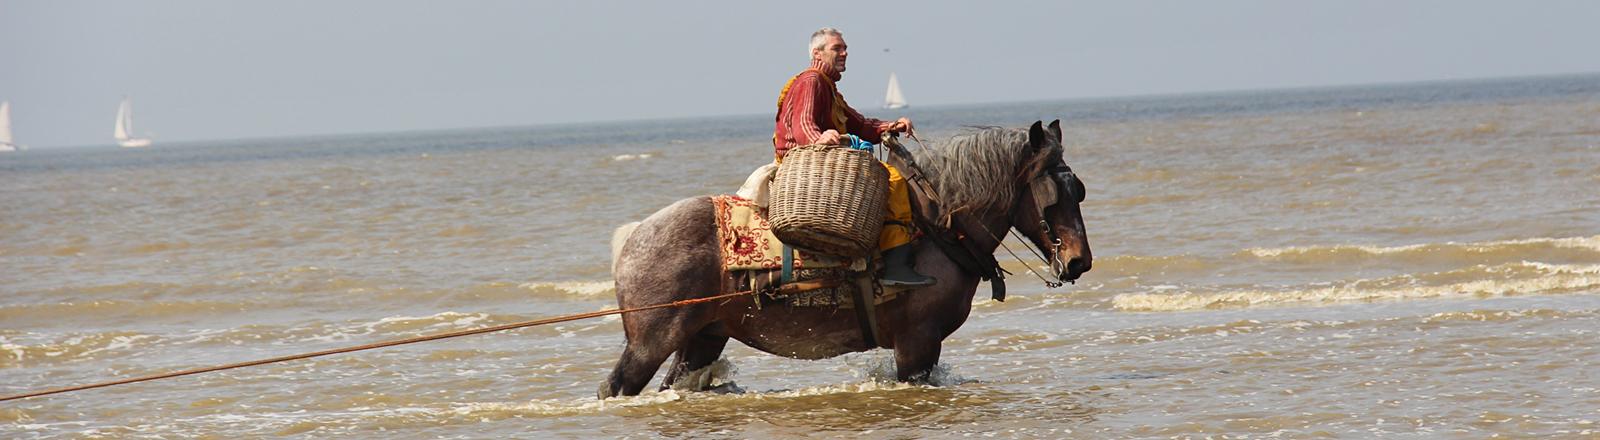 Ein Pferd steht bis zu den Knien im Meer, auf ihm sitzt ein Mann, der einen Korb hält.